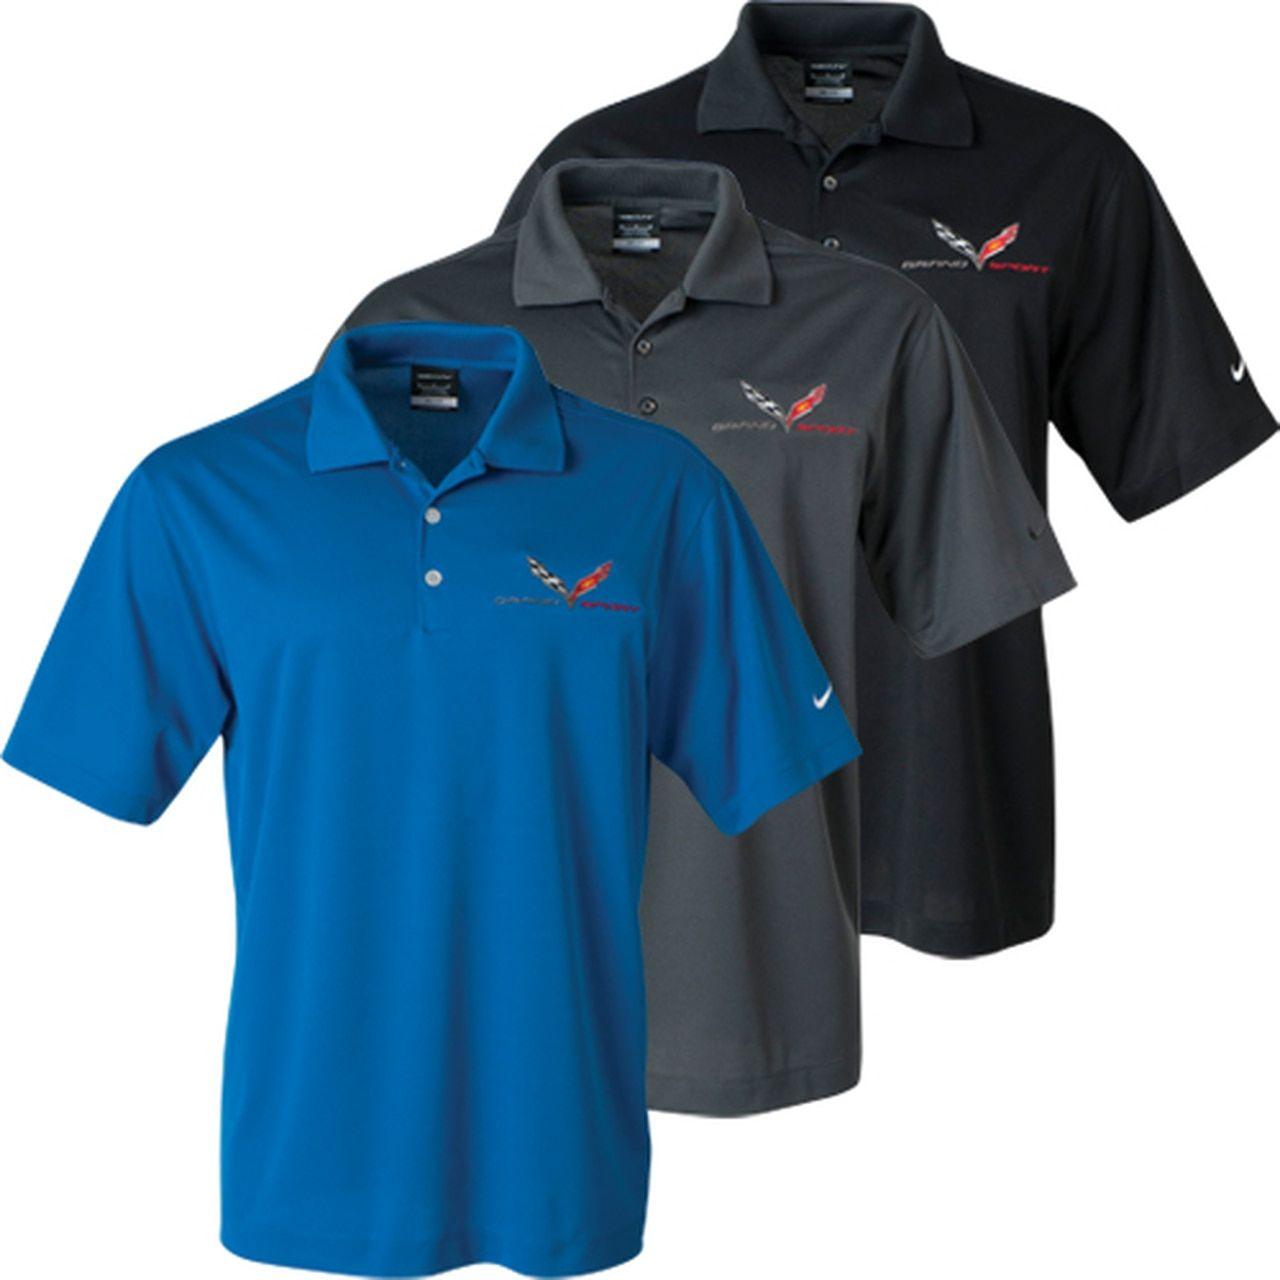 C7 Corvette Grand Sport Nike Dri Fit Polo Shirt Sports Polo Shirts Shirts Nike Polo Shirts